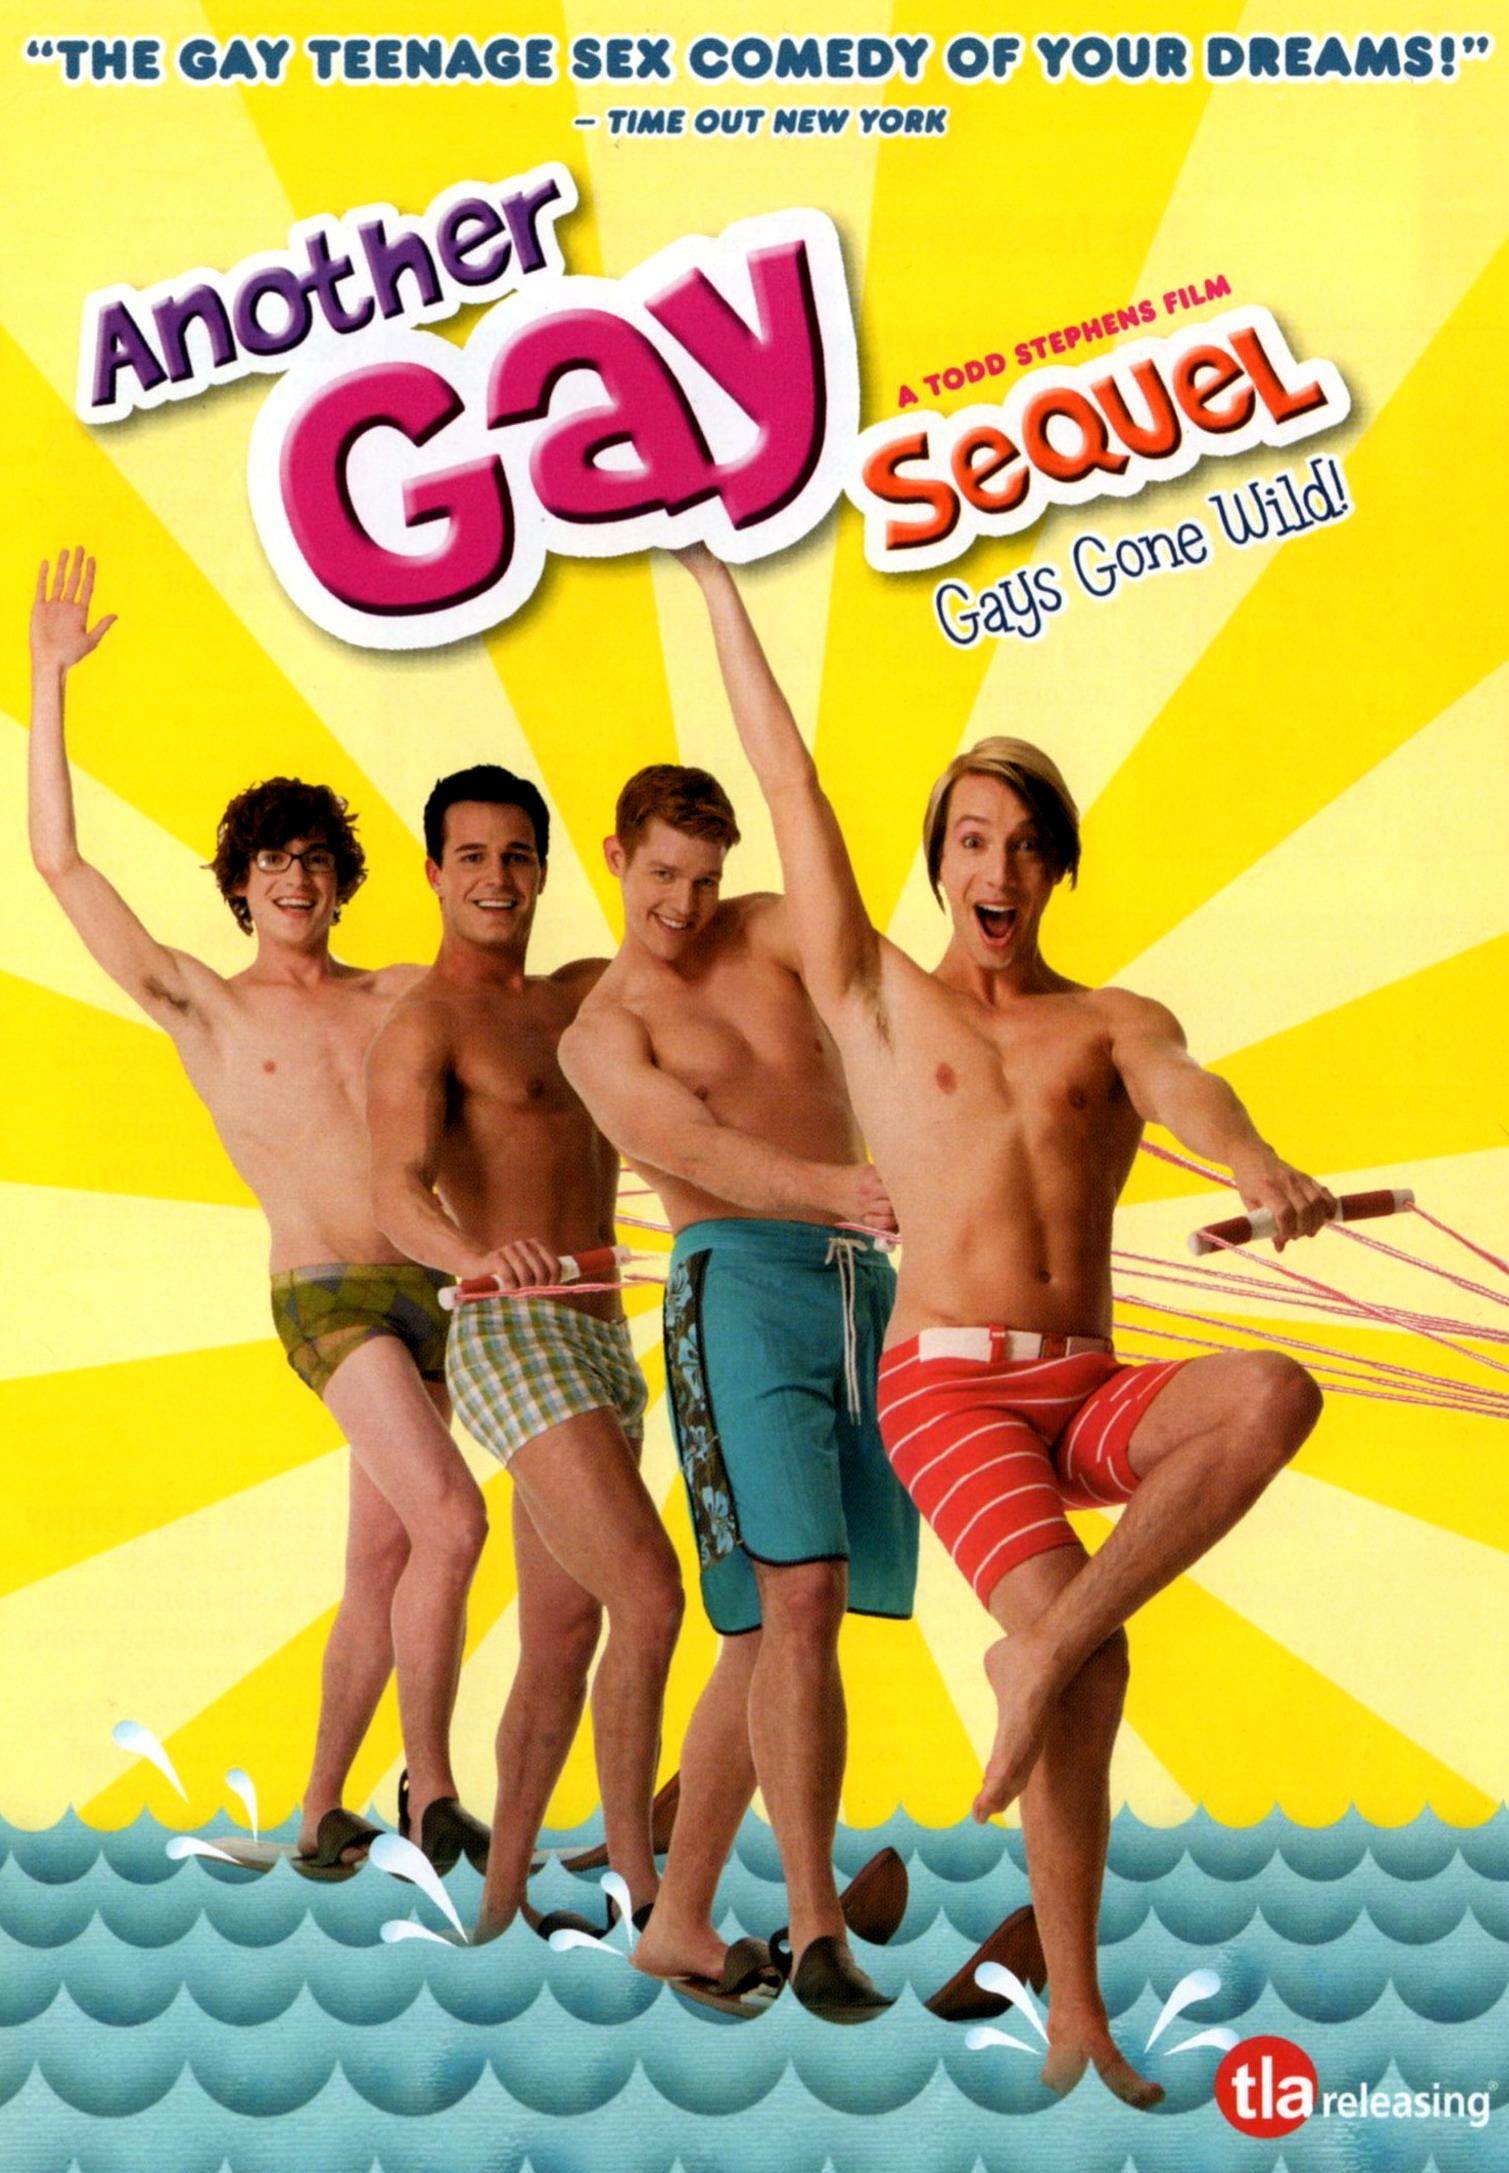 Смотреть онлайн бесплатно о геях 16 фотография